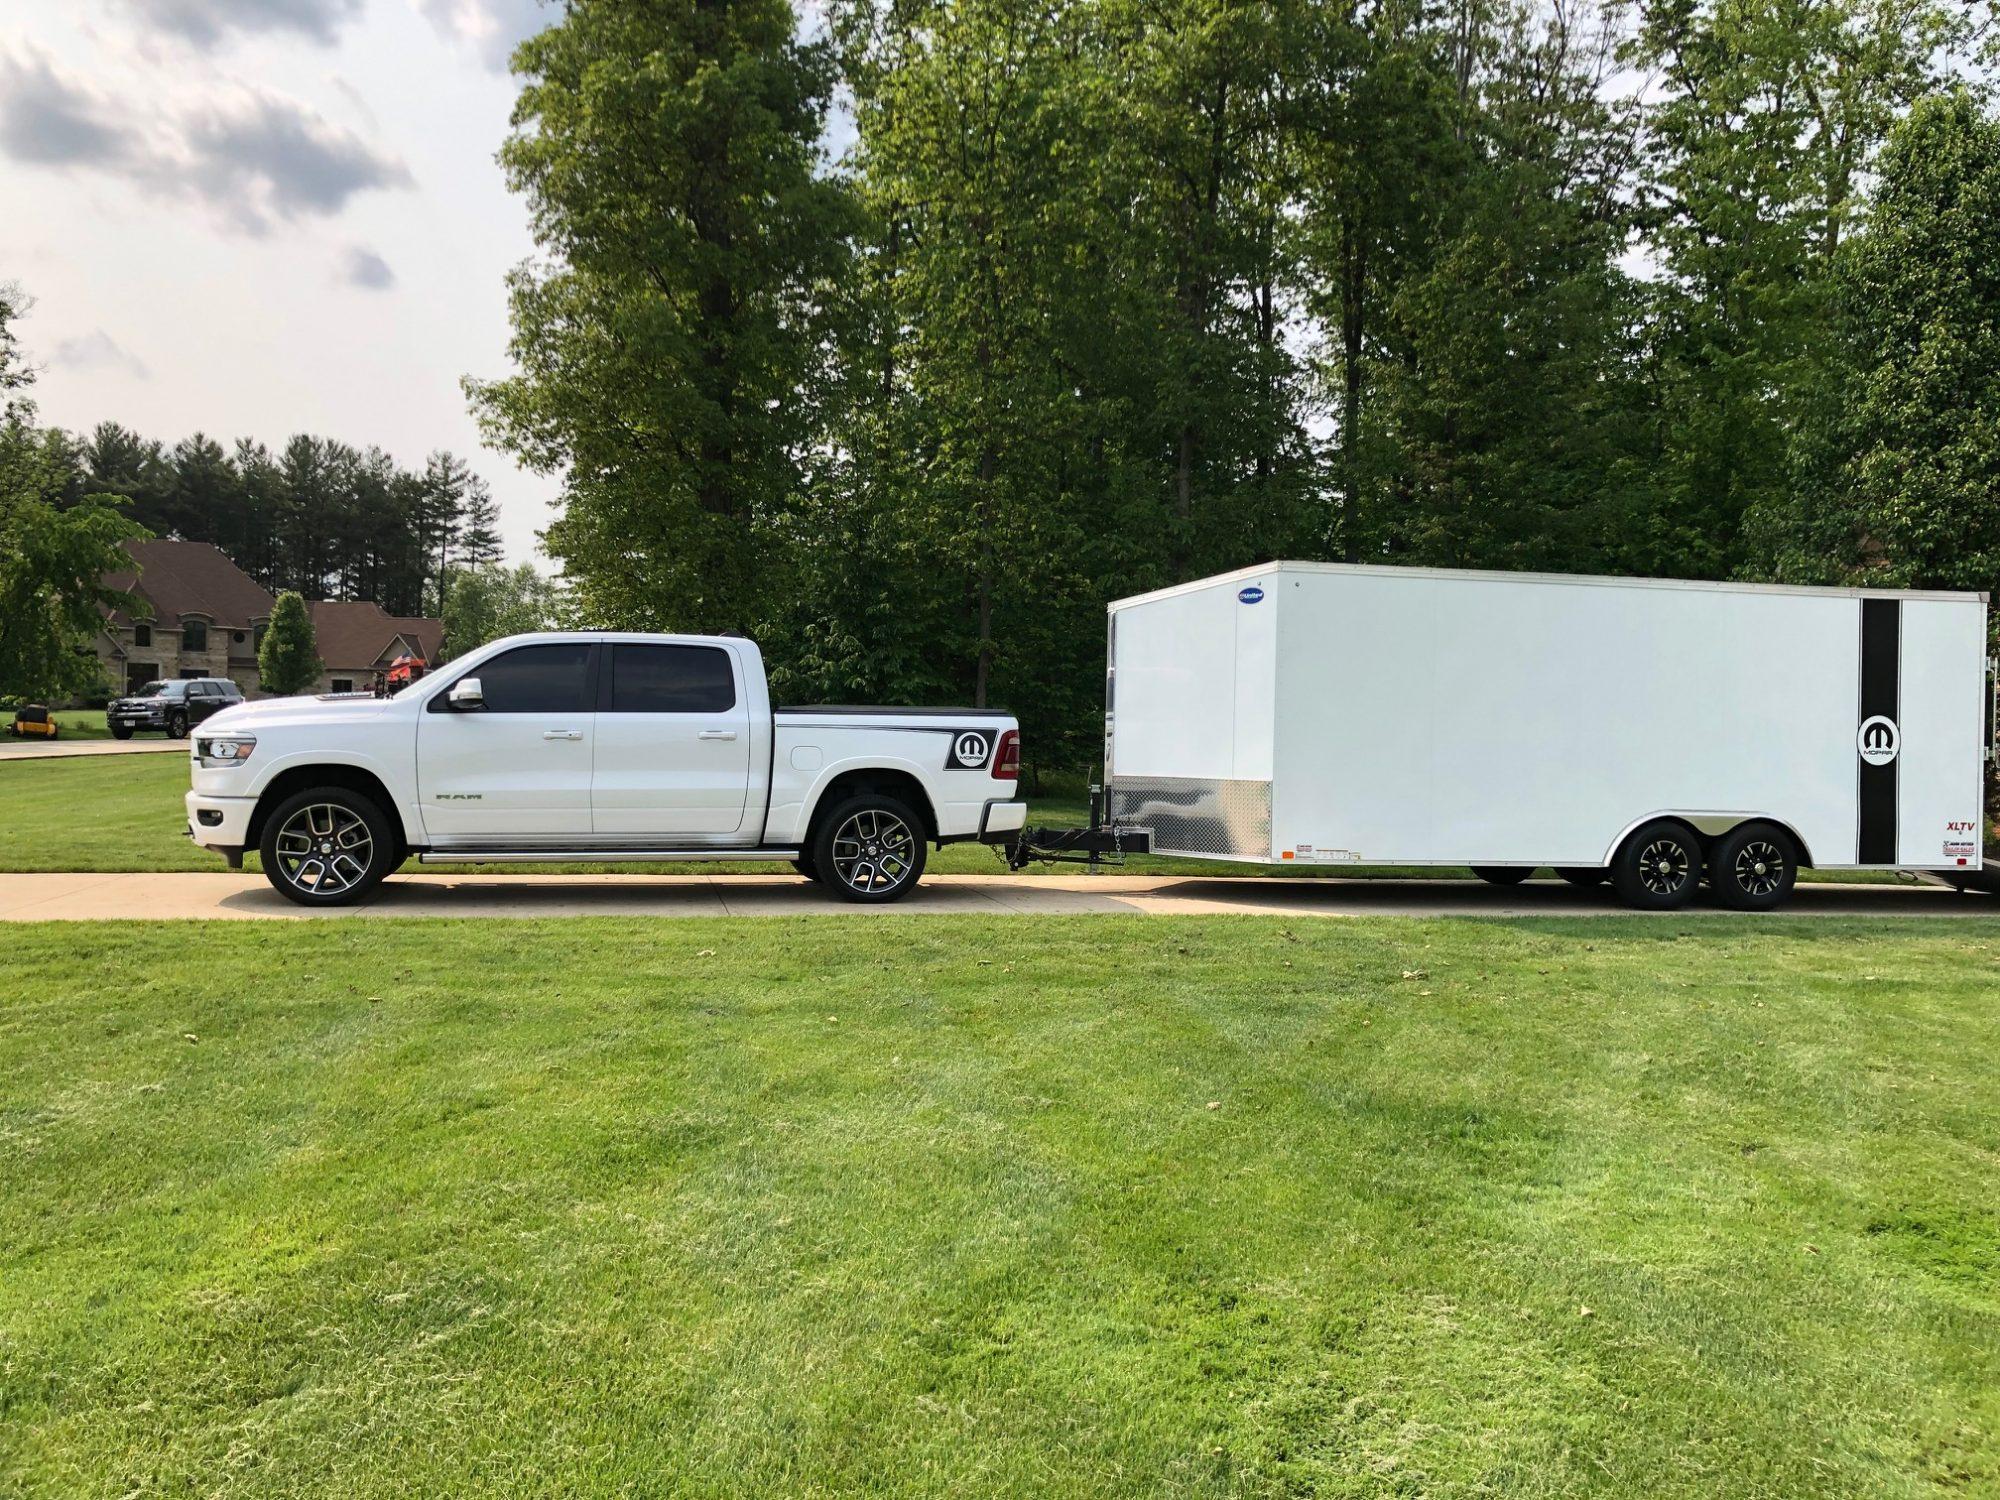 2019 Ram 1500 with matching Mopar trailer